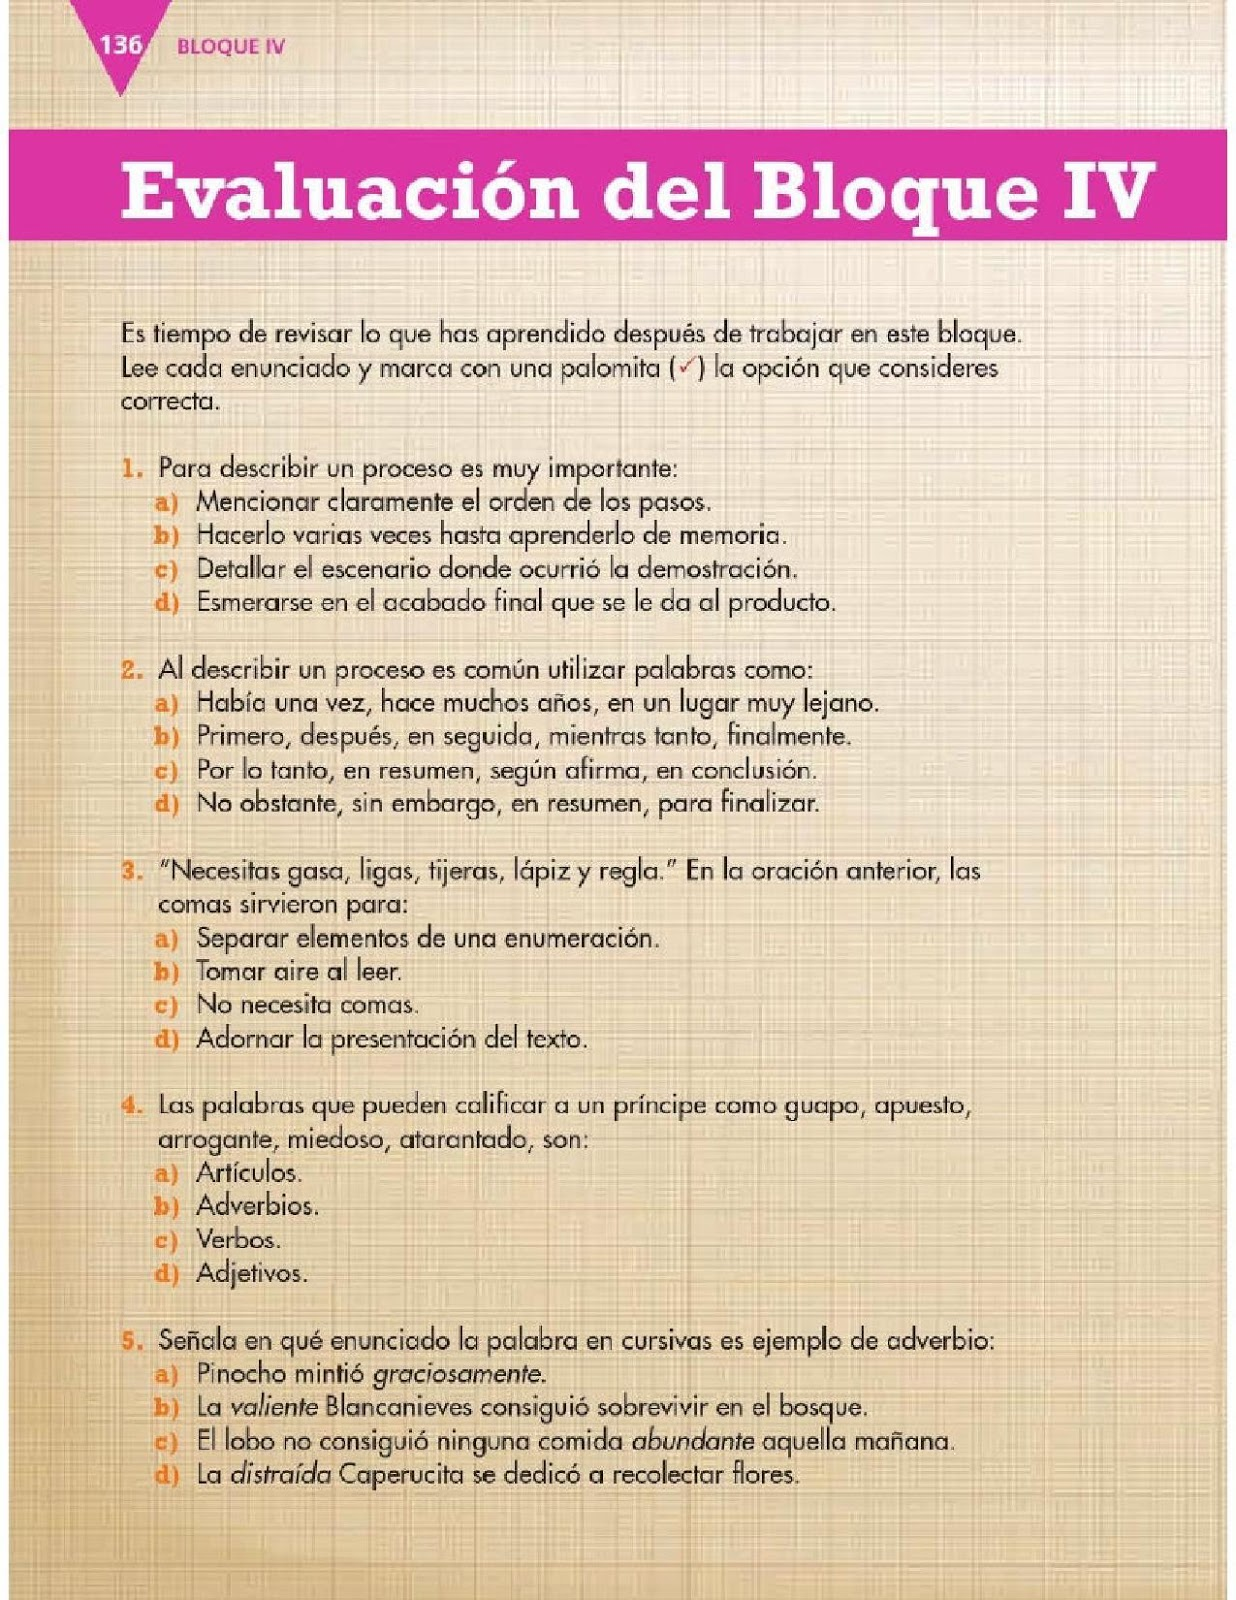 Evaluación del bloque IV - Español - 3ro. ~ Apoyo Primaria